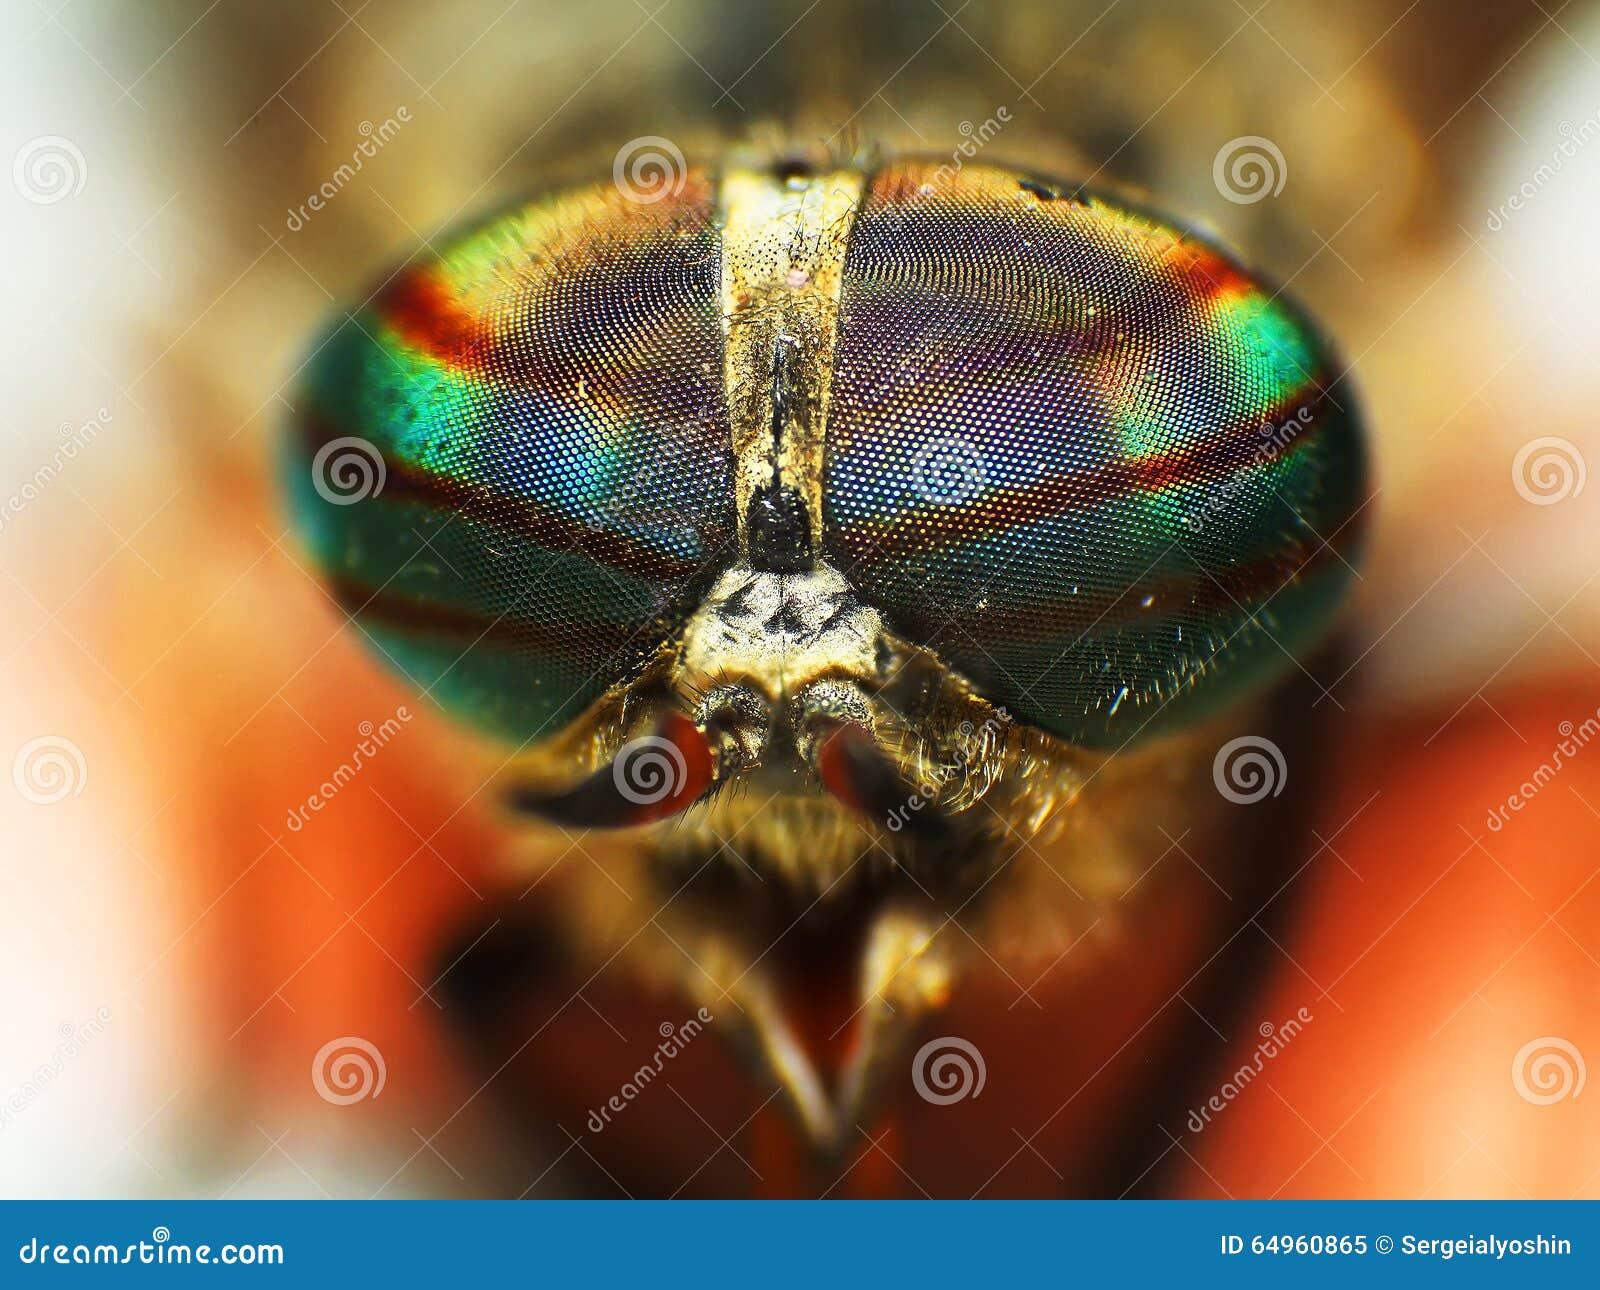 Oczy insekt końskiej komarnicy głowy zbliżenie